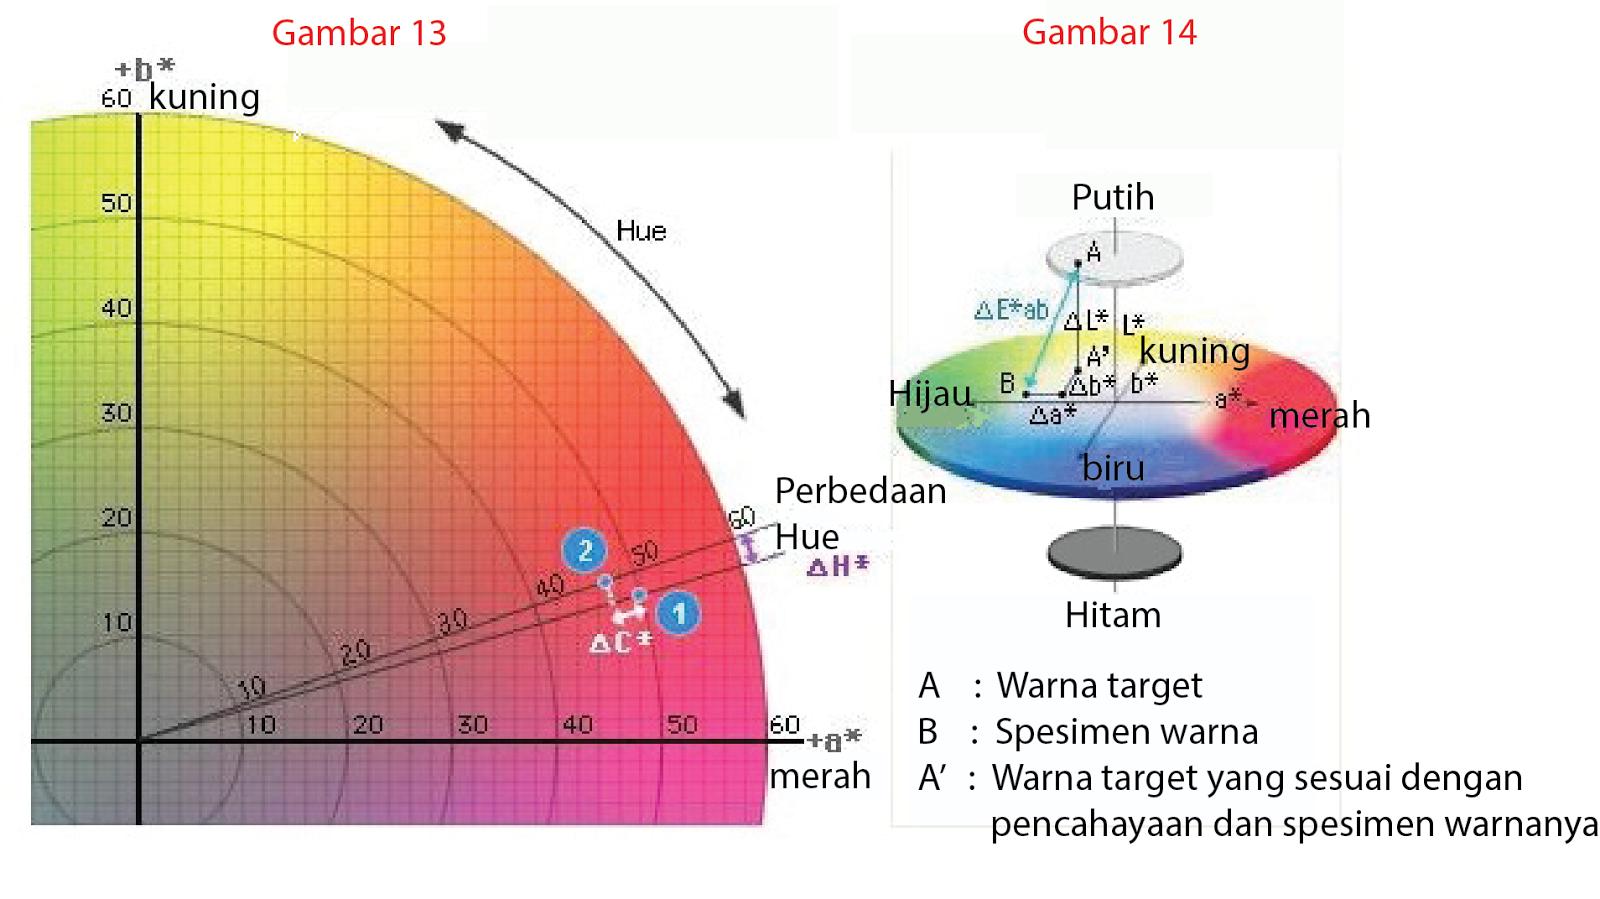 Dunia warna june 2013 di l a b ruang warna perbedaan warna dapat dinyatakan sebagai nilai numerik tunggal e ab yang menunjukkan ukuran perbedaan warna tapi tidak ccuart Images